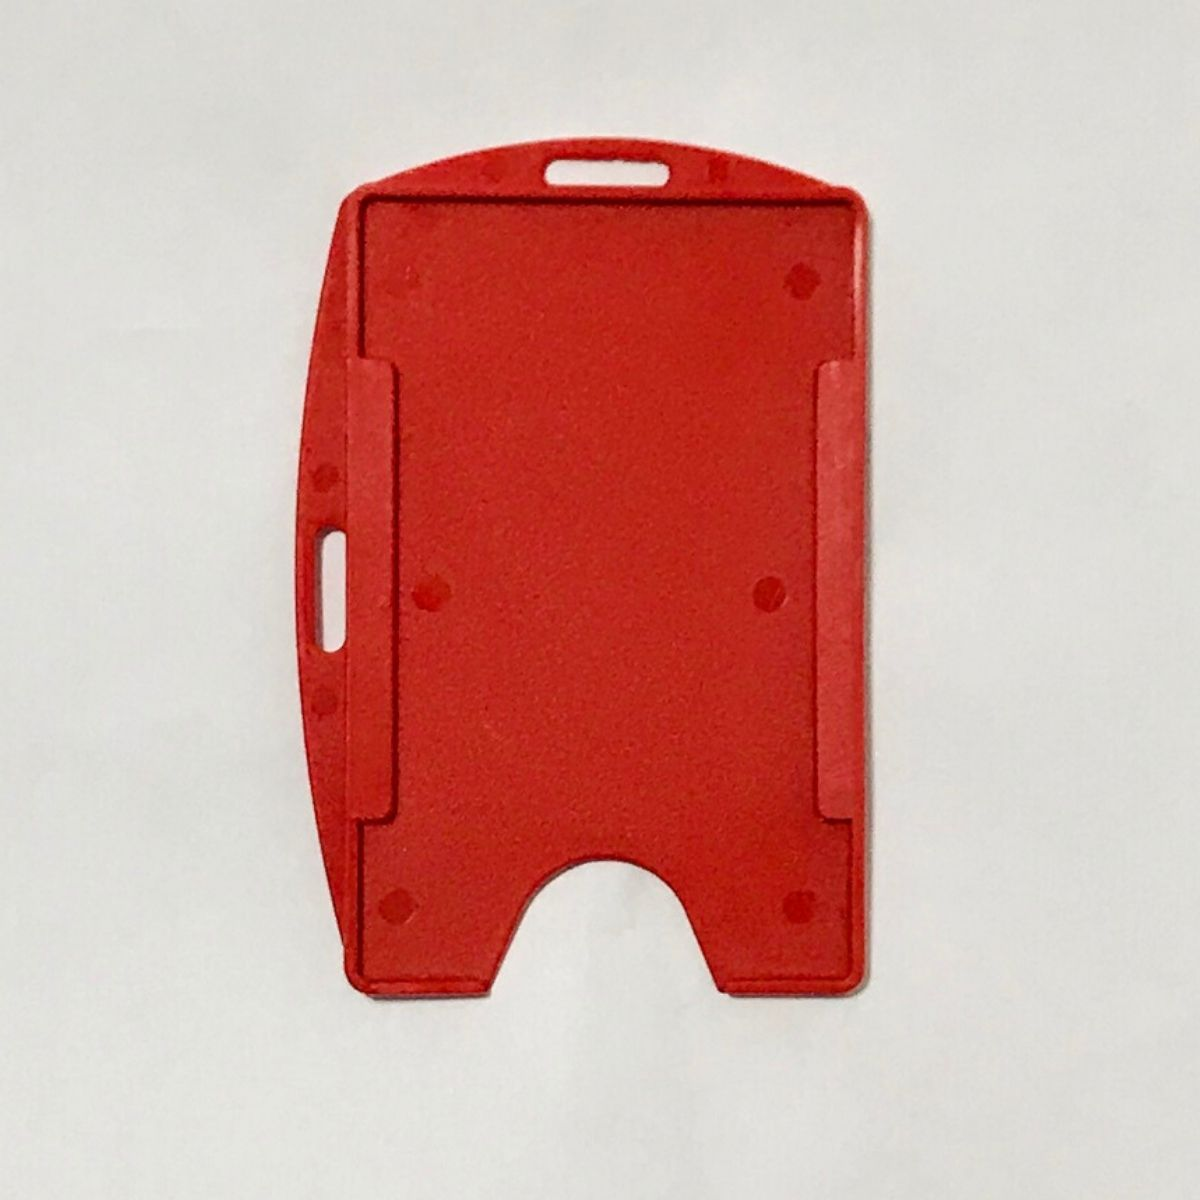 Kit 500 Protetores Porta Crachá Rígido M3 Conjugado Vermelho  - Click Suprimentos